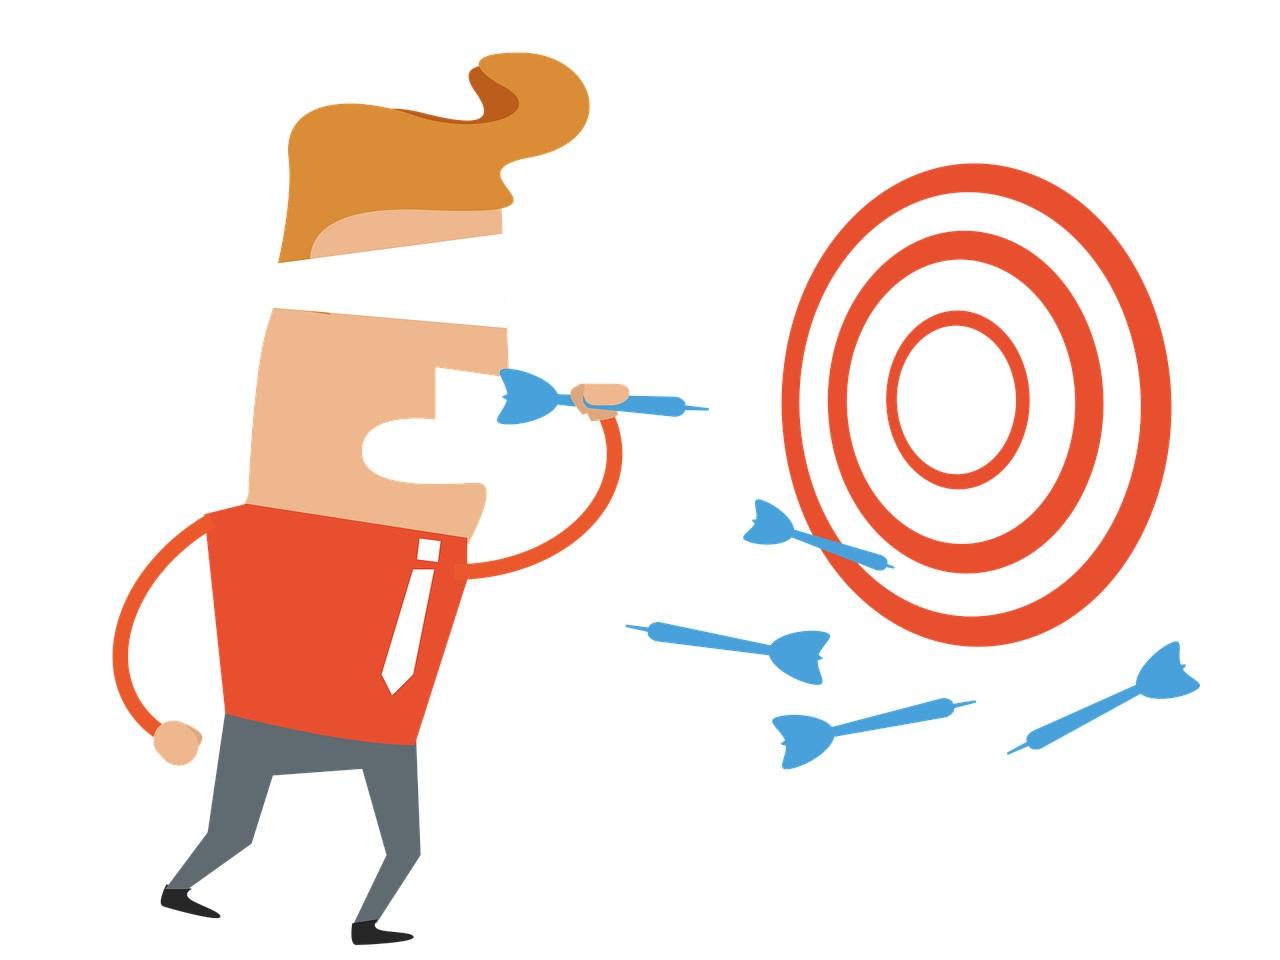 Comment rater son implémentation de solution de gestion des frais professionnels